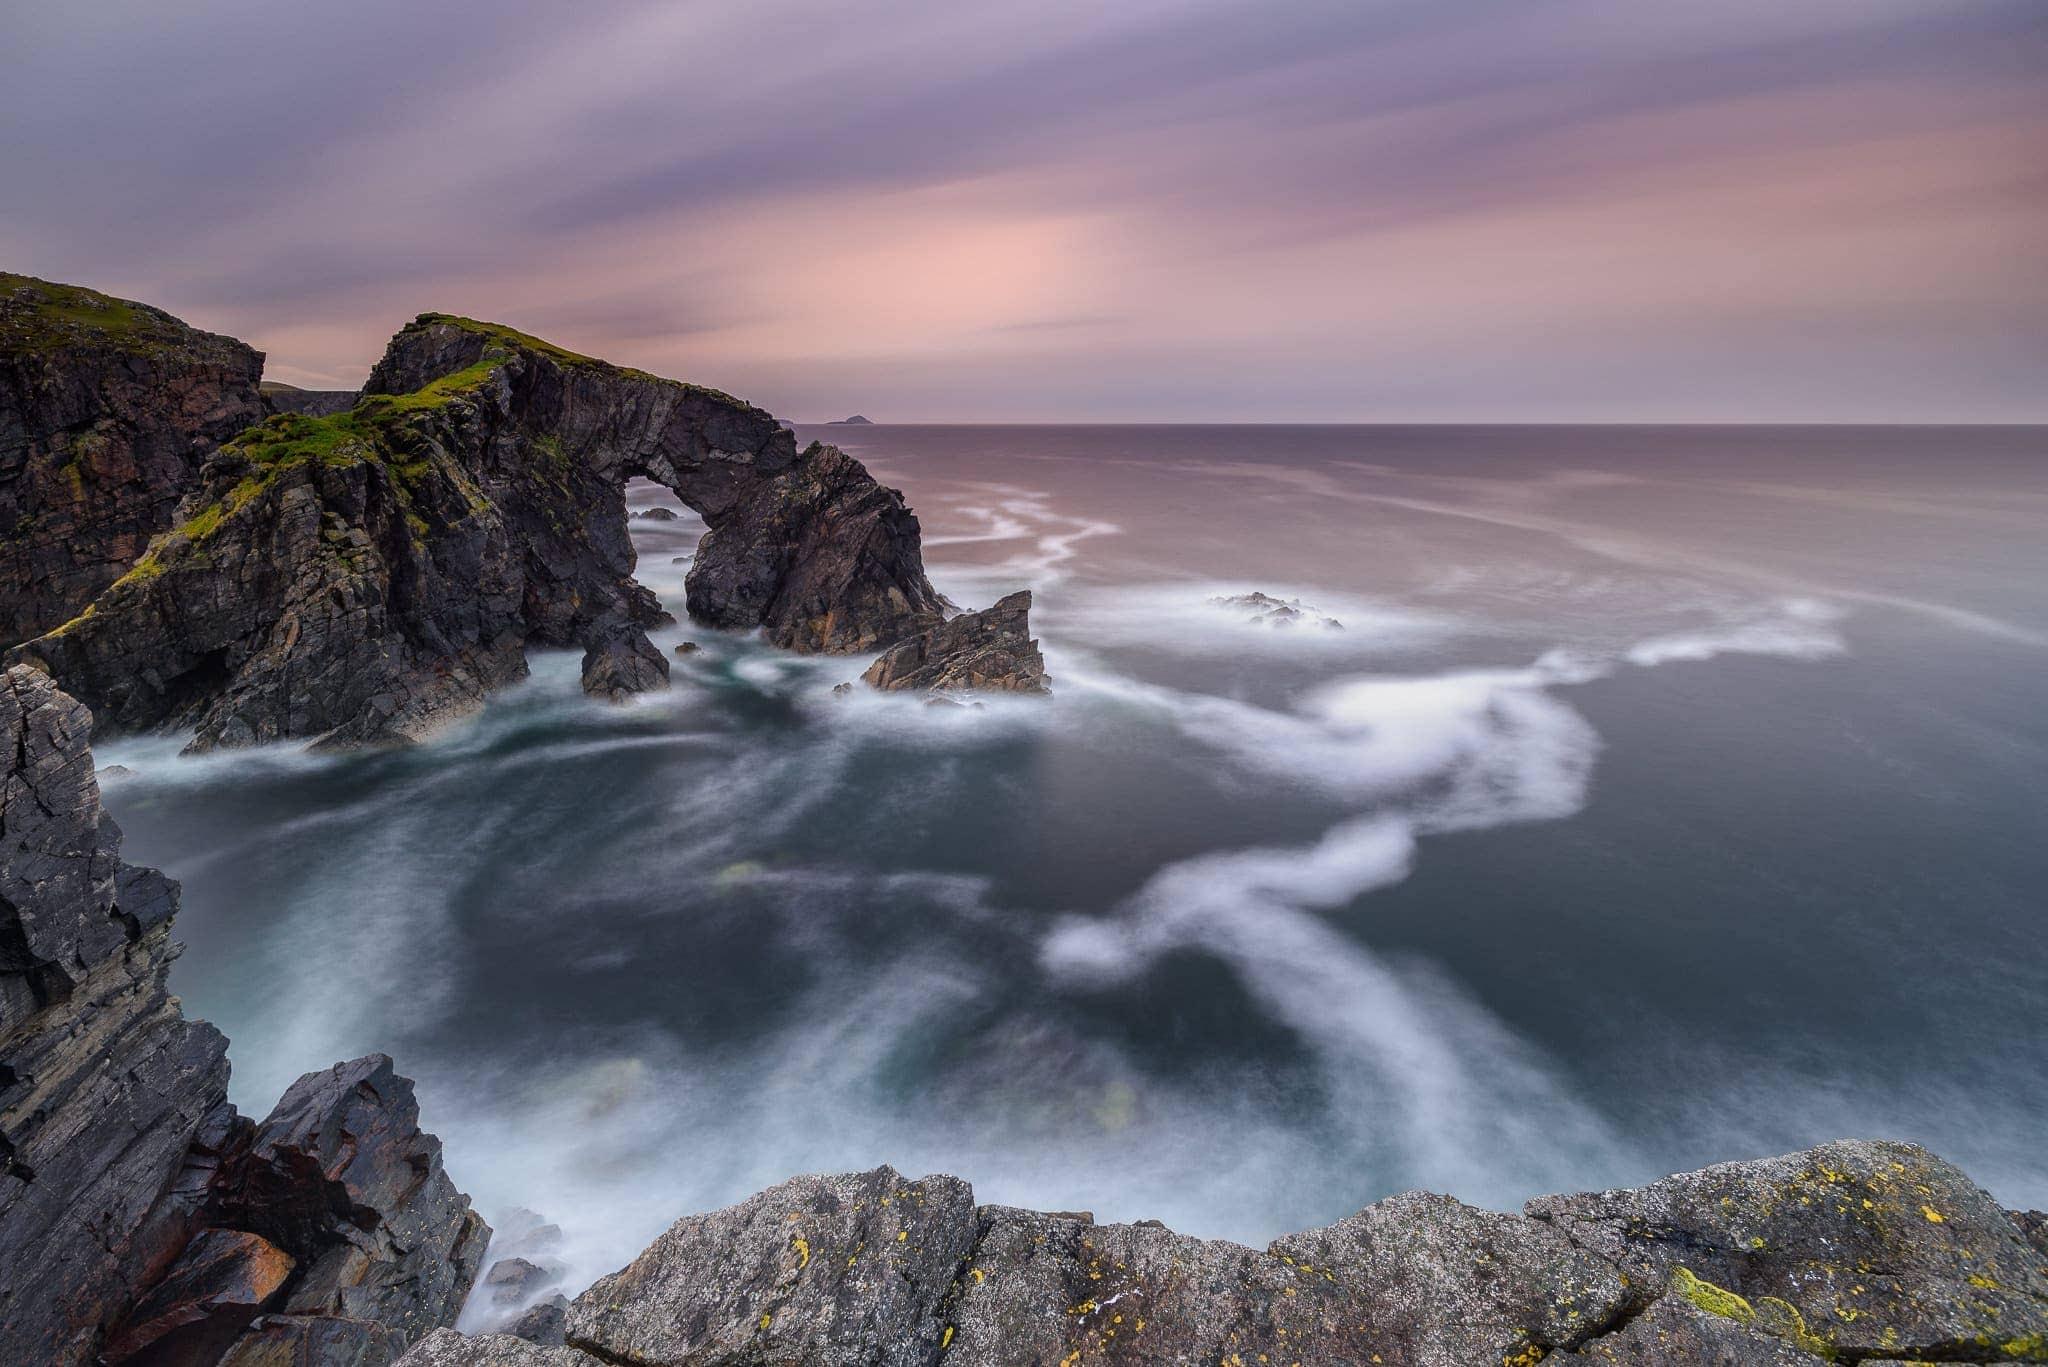 Francesco Gola Seascape Landscape Photography Scotland Arch Outer Hebrides Long Exposure